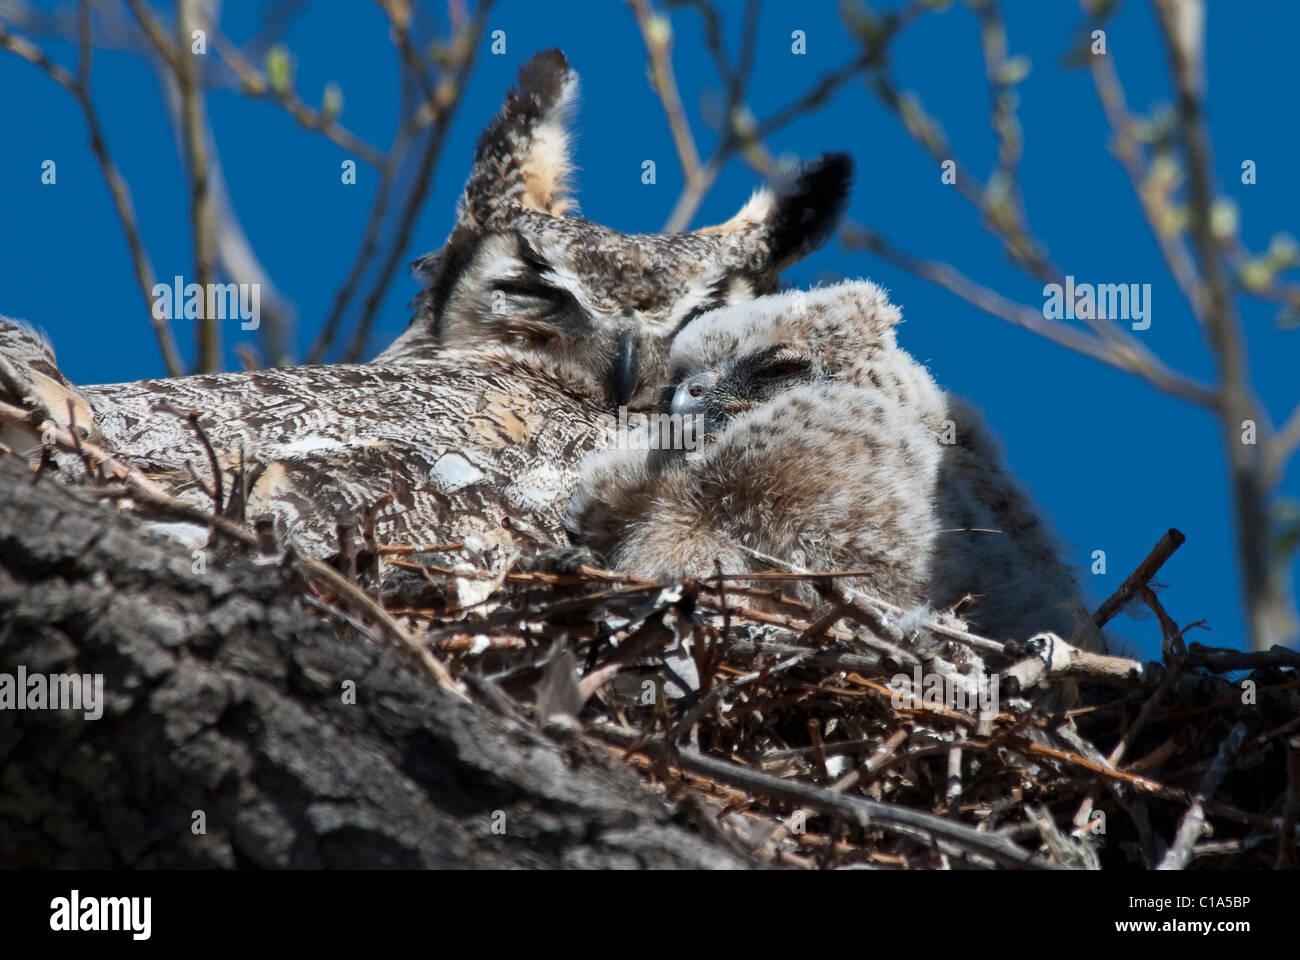 Großen Uhus Bubo Virginianus Erwachsenen & Küken auf nisten Monte Vista National Wildlife Refuge Colorado Stockbild